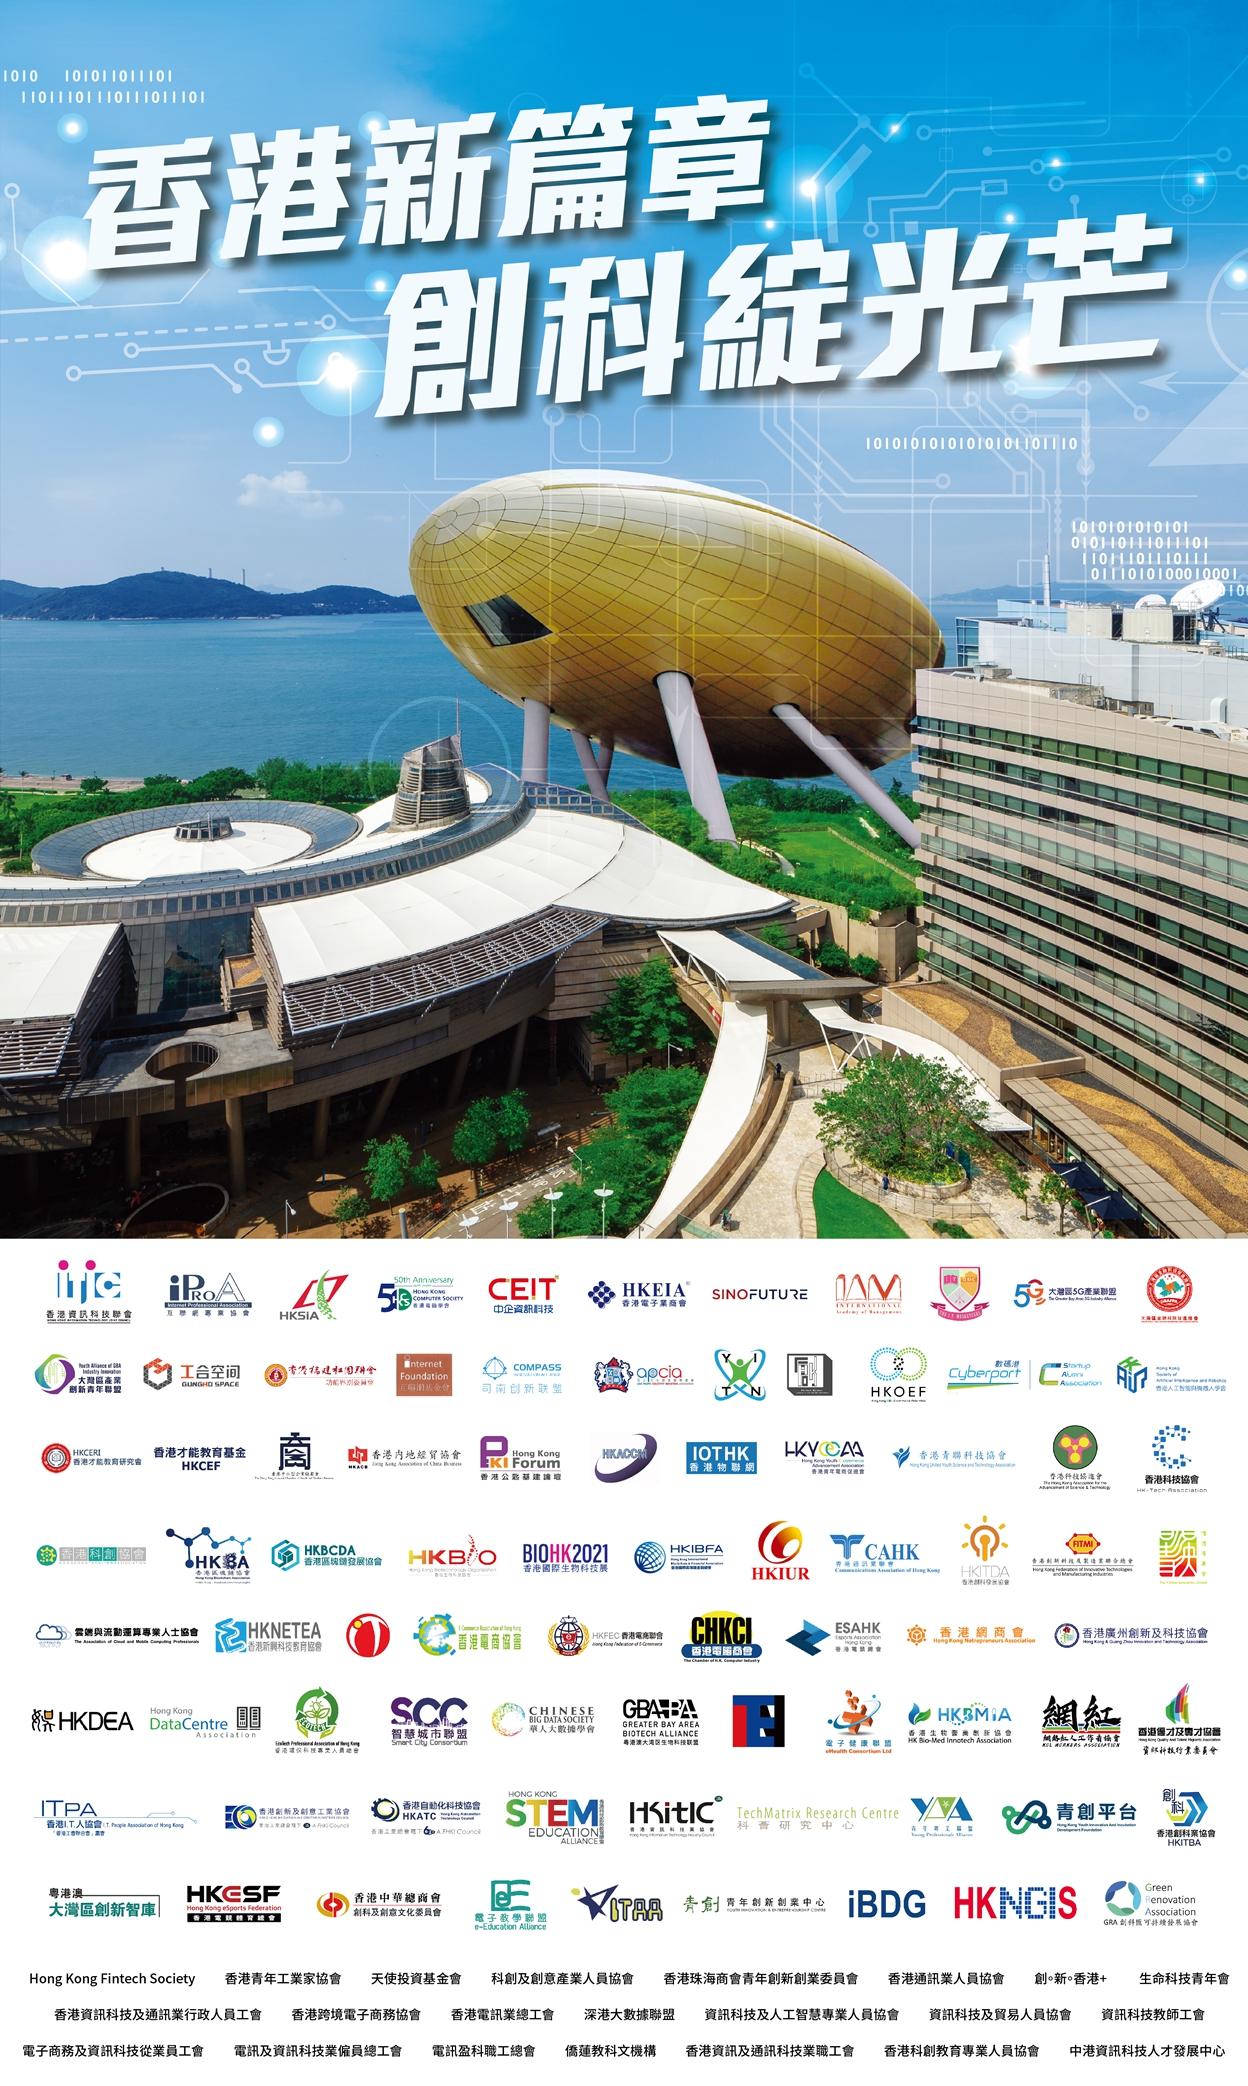 逾百家香港科创界团体联名发声支持全国人大常委会修订基本法附件一、附件二